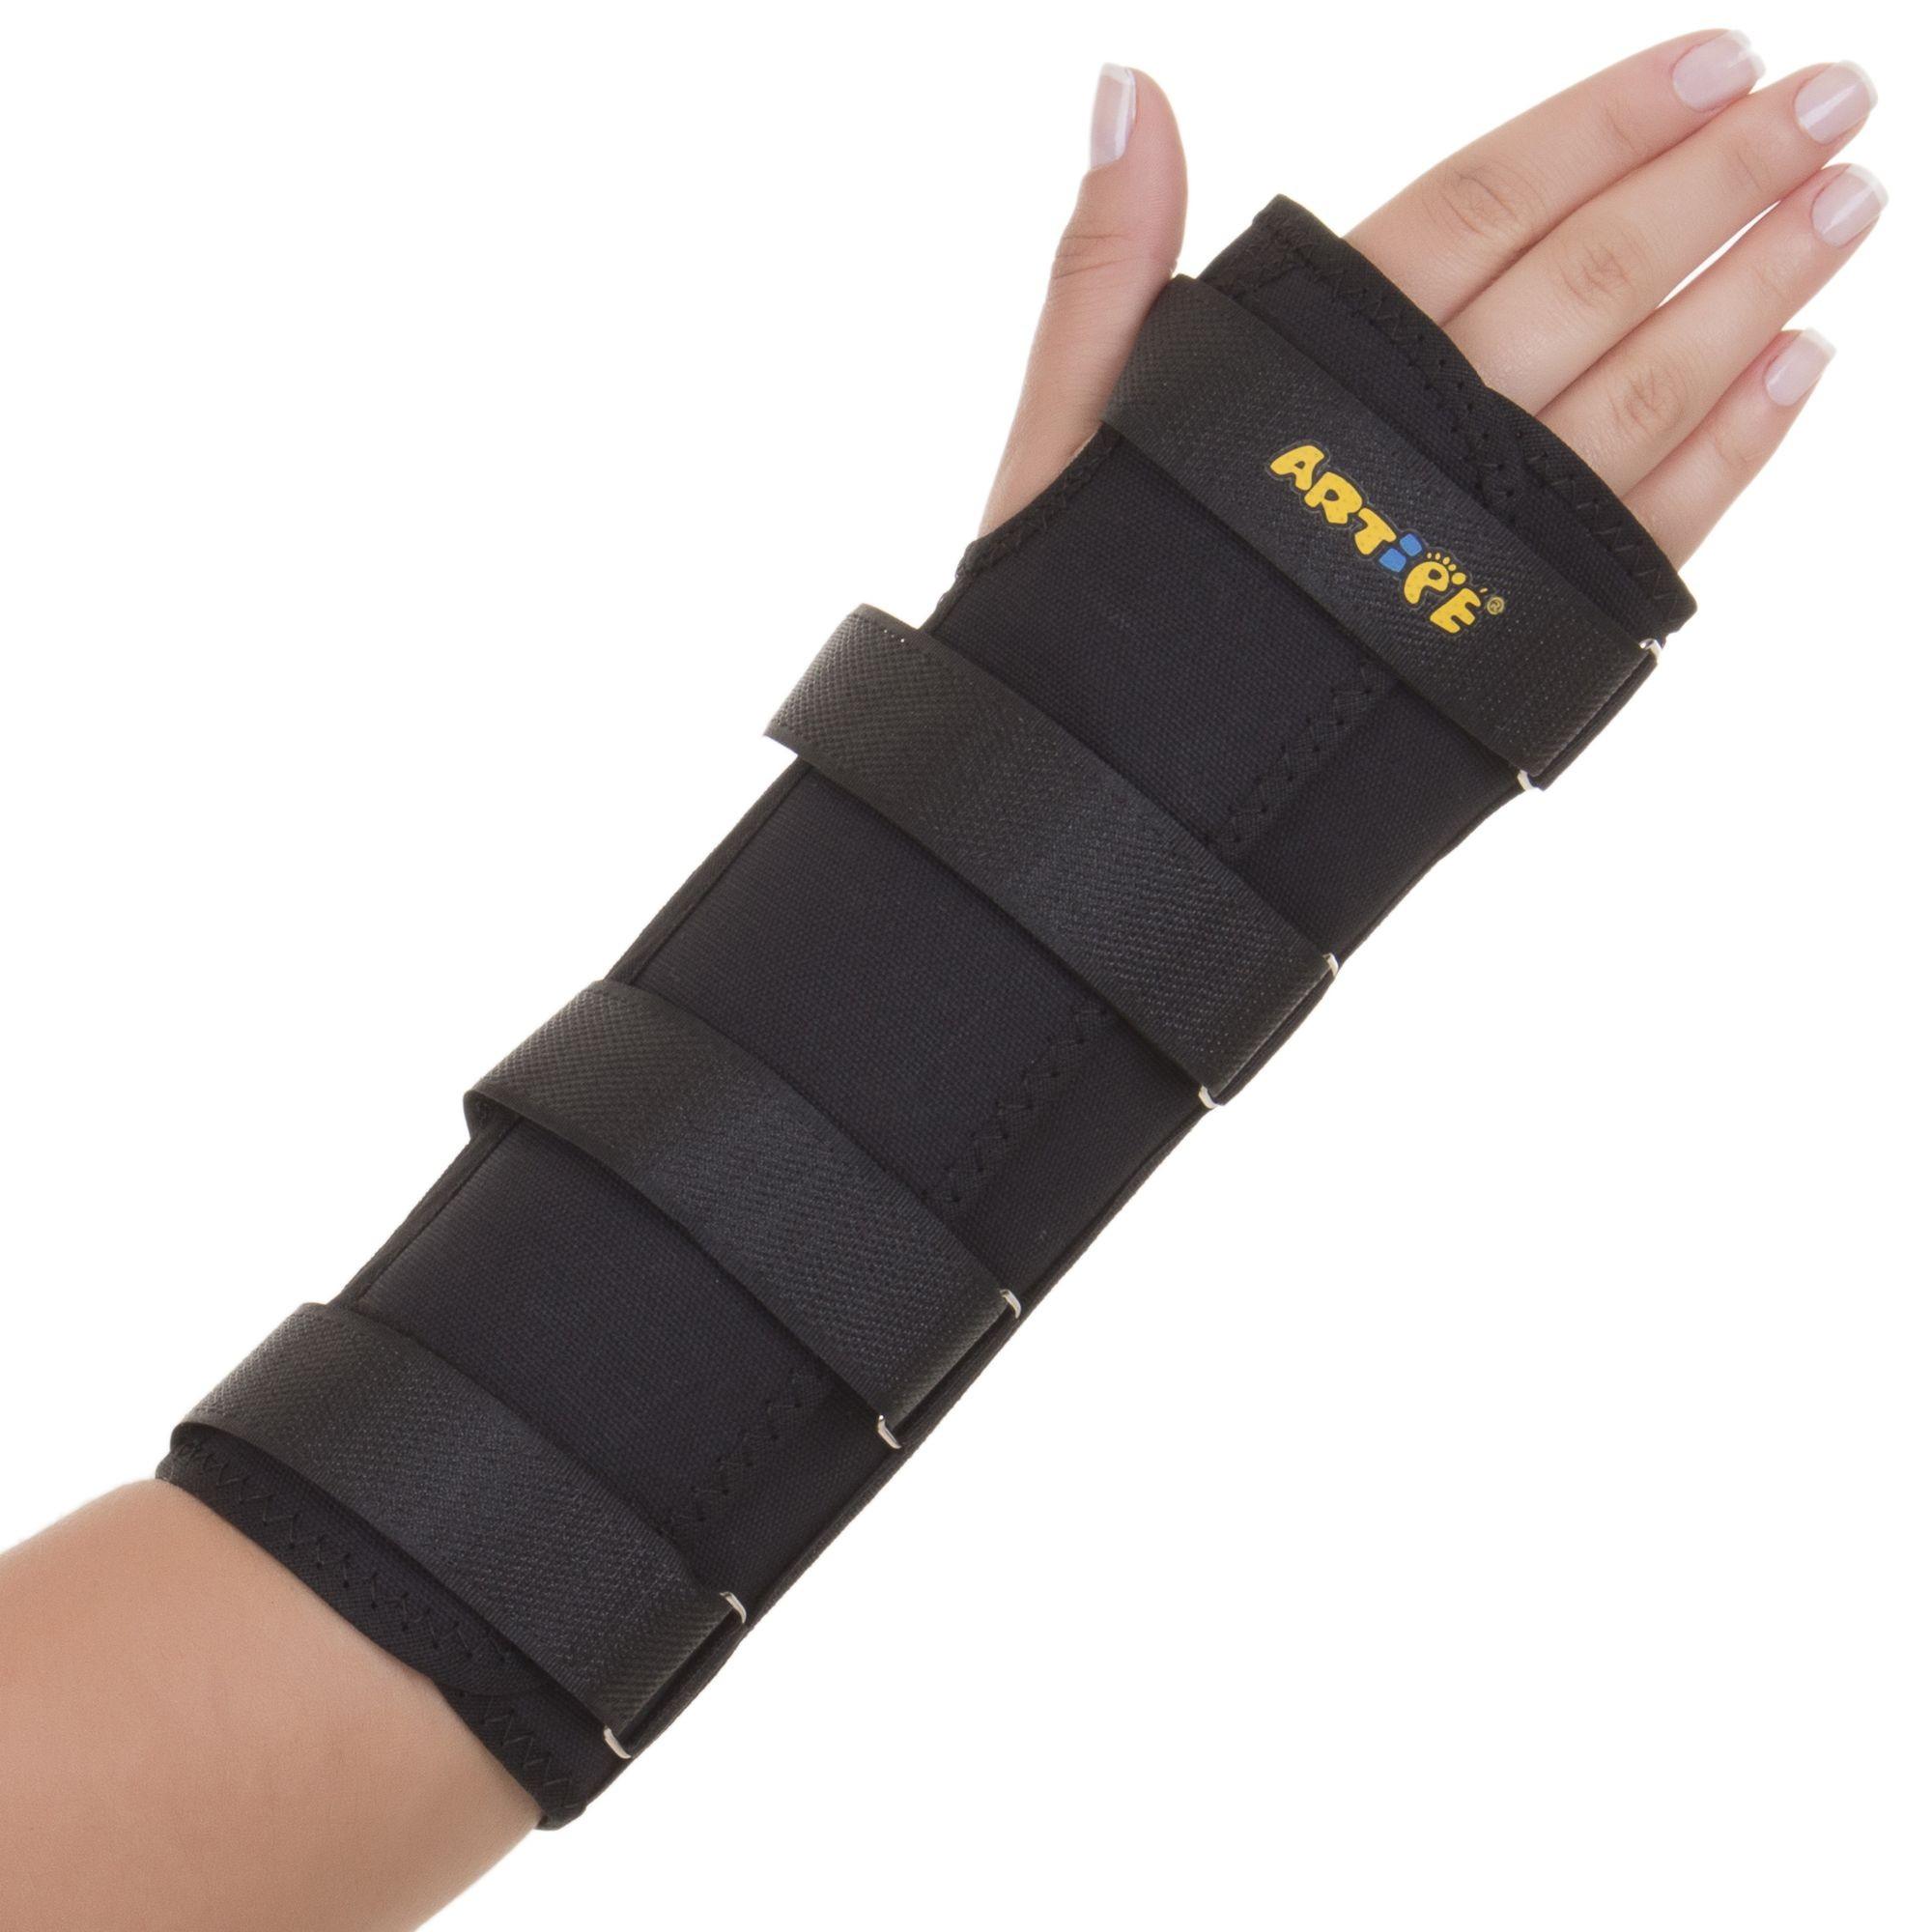 unguent pentru durere în forumul genunchiului pentru articulații condroitină glucozamină